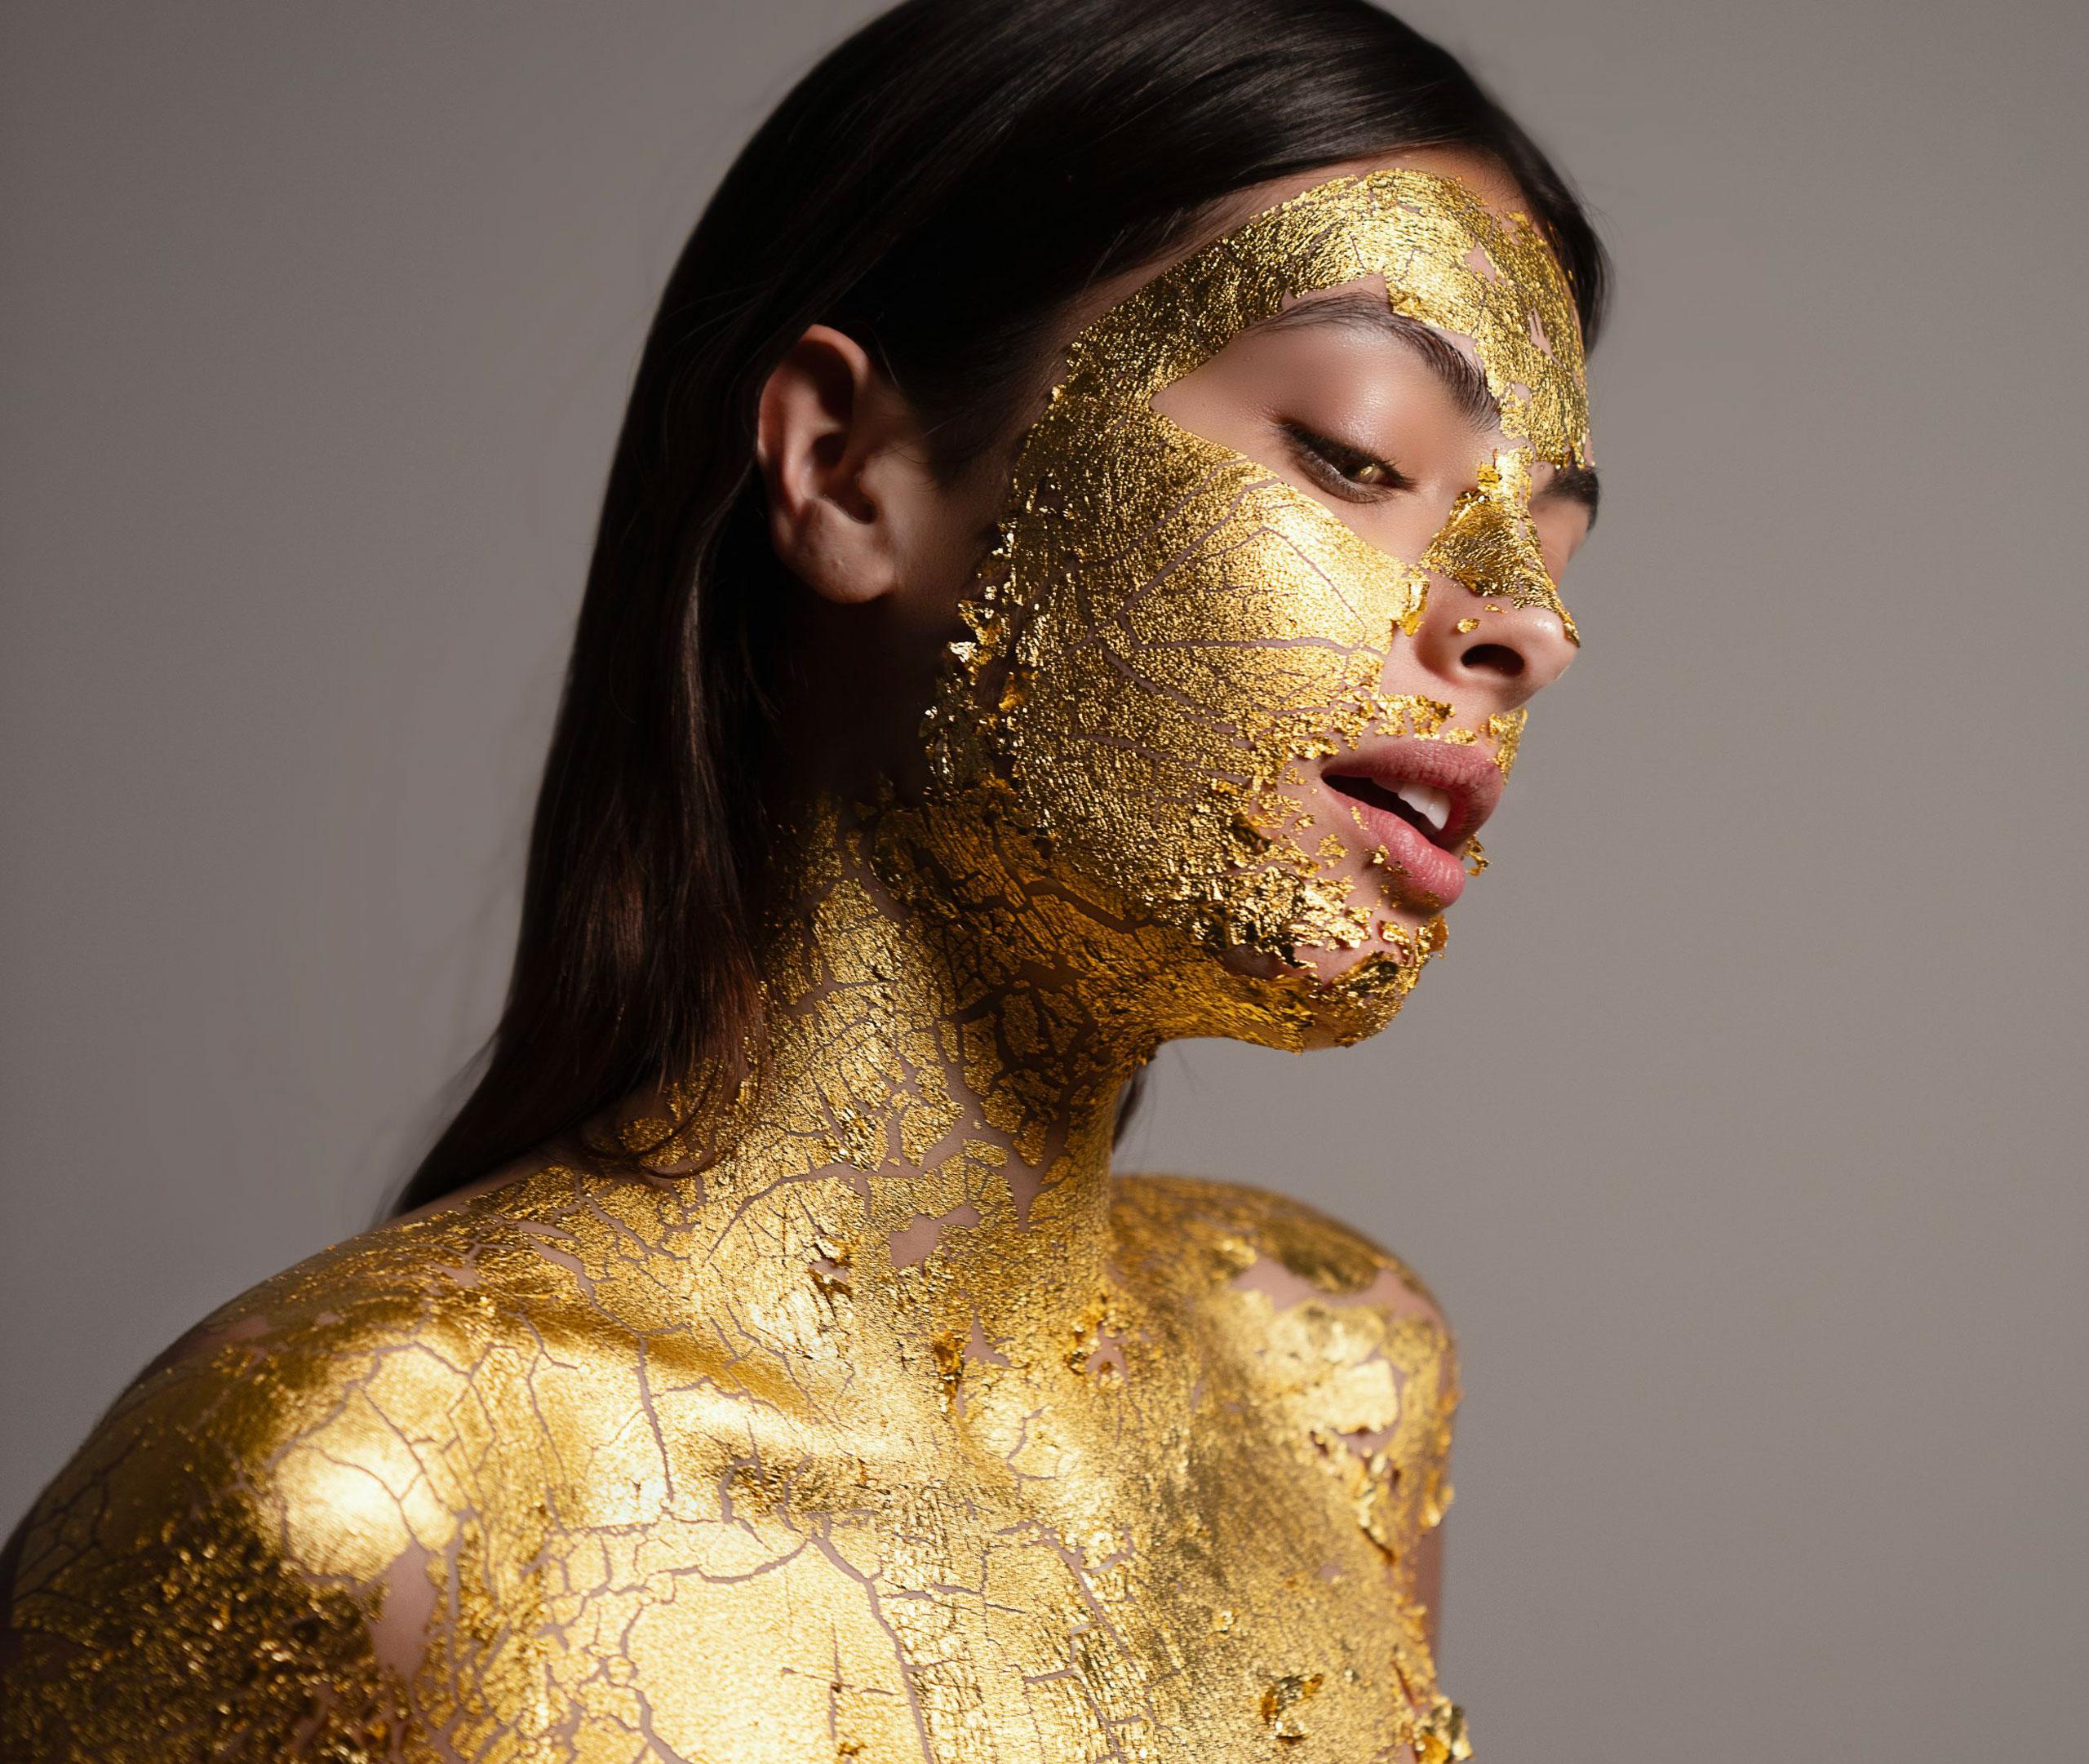 mimi-luzon-24-gold--mask